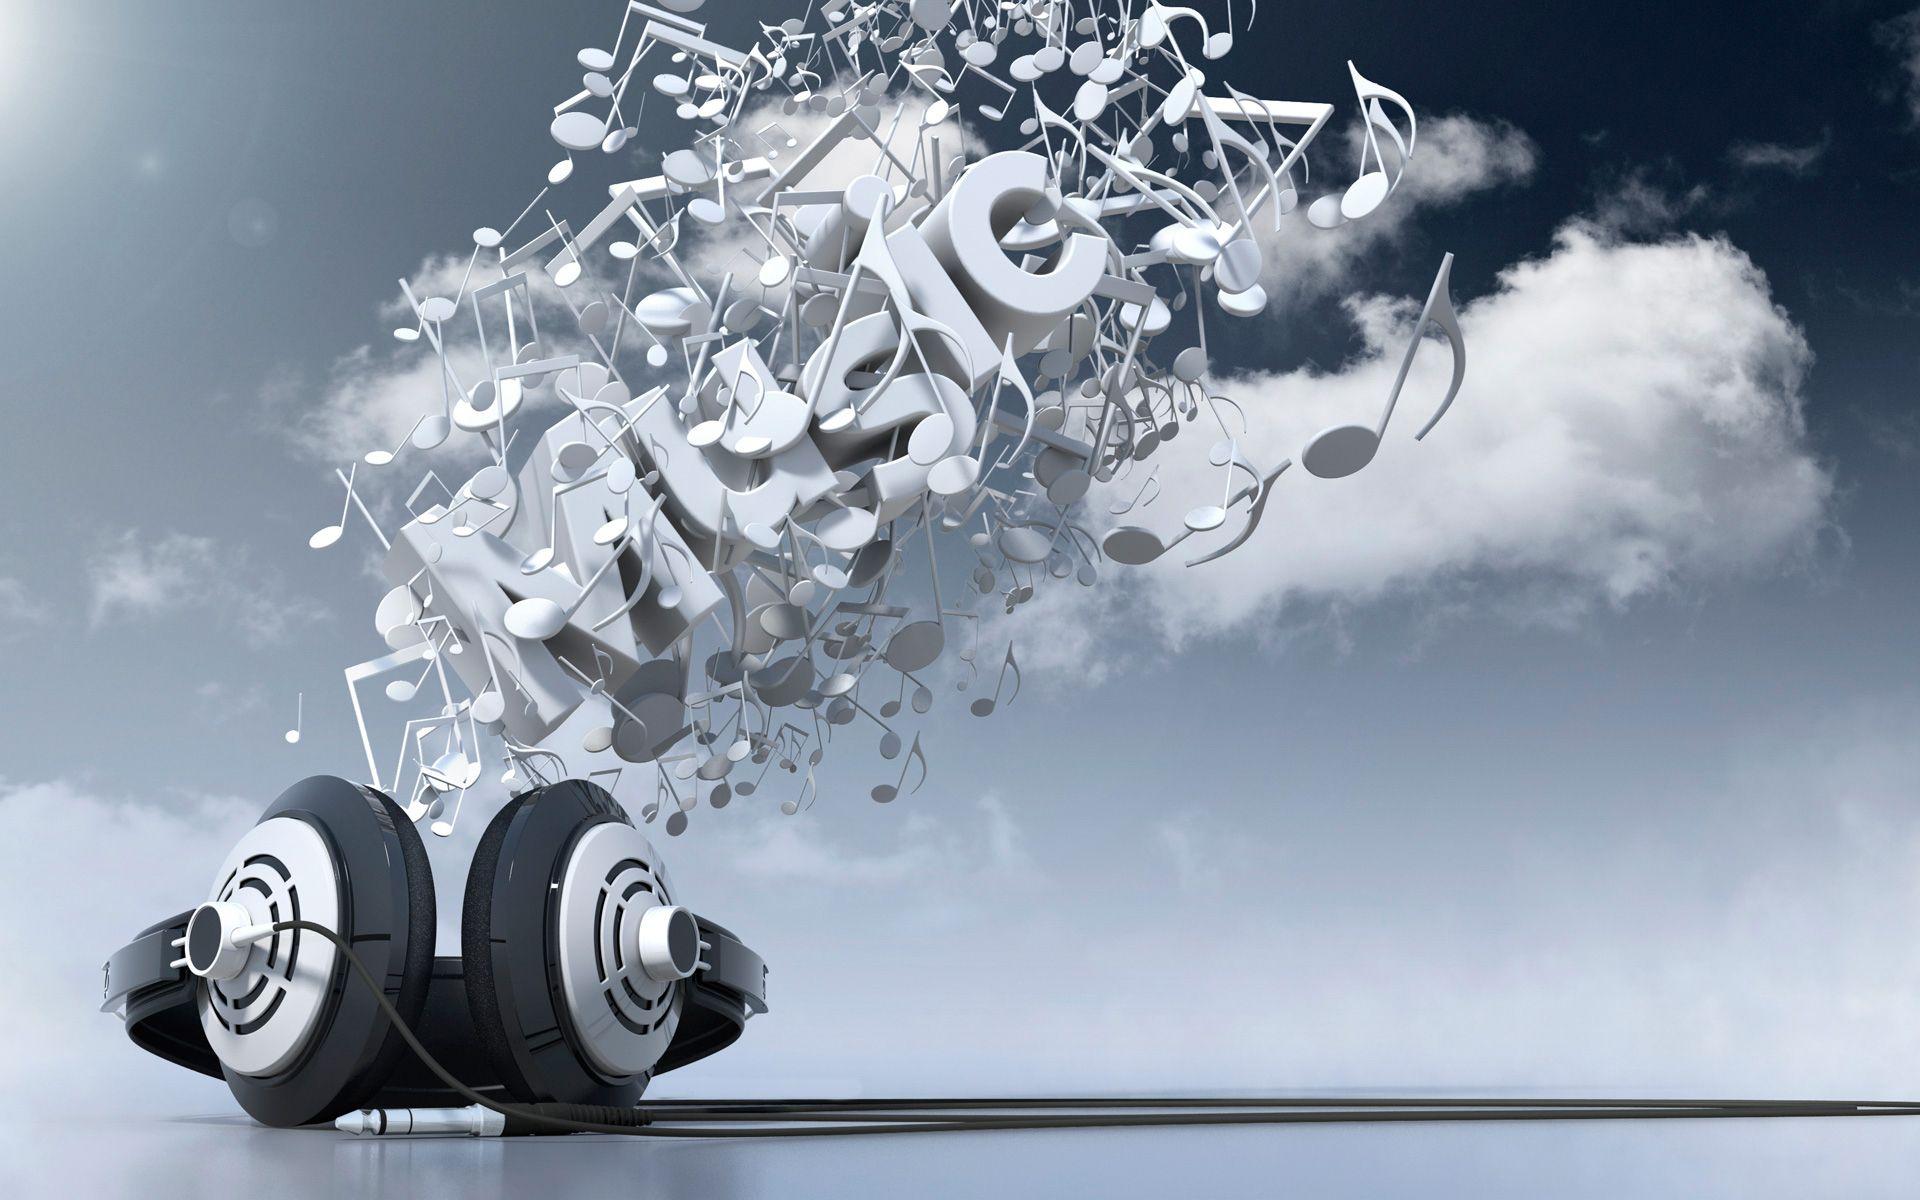 3D Music HD Widescreen Desktop Wallpaper